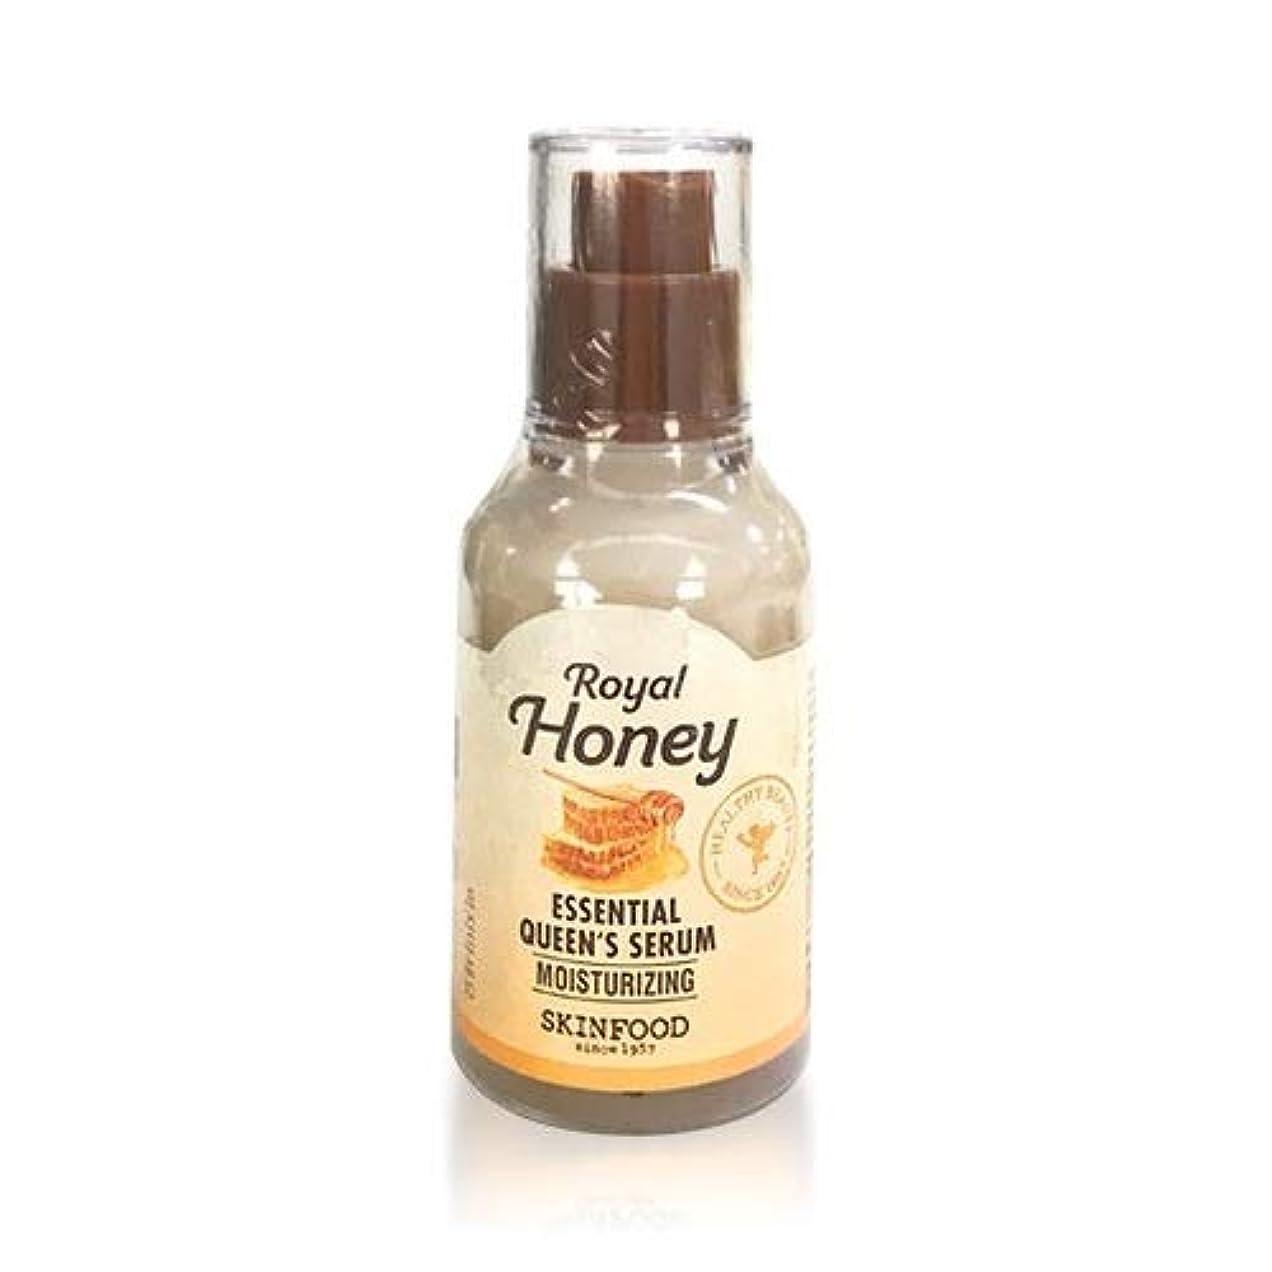 [リニューアル] スキンフード ロイヤルハニーエッセンシャル クィーンズセラム 美容液 50ml / SKINFOOD Royal Honey Essential Queen's Serum 50ml [並行輸入品]